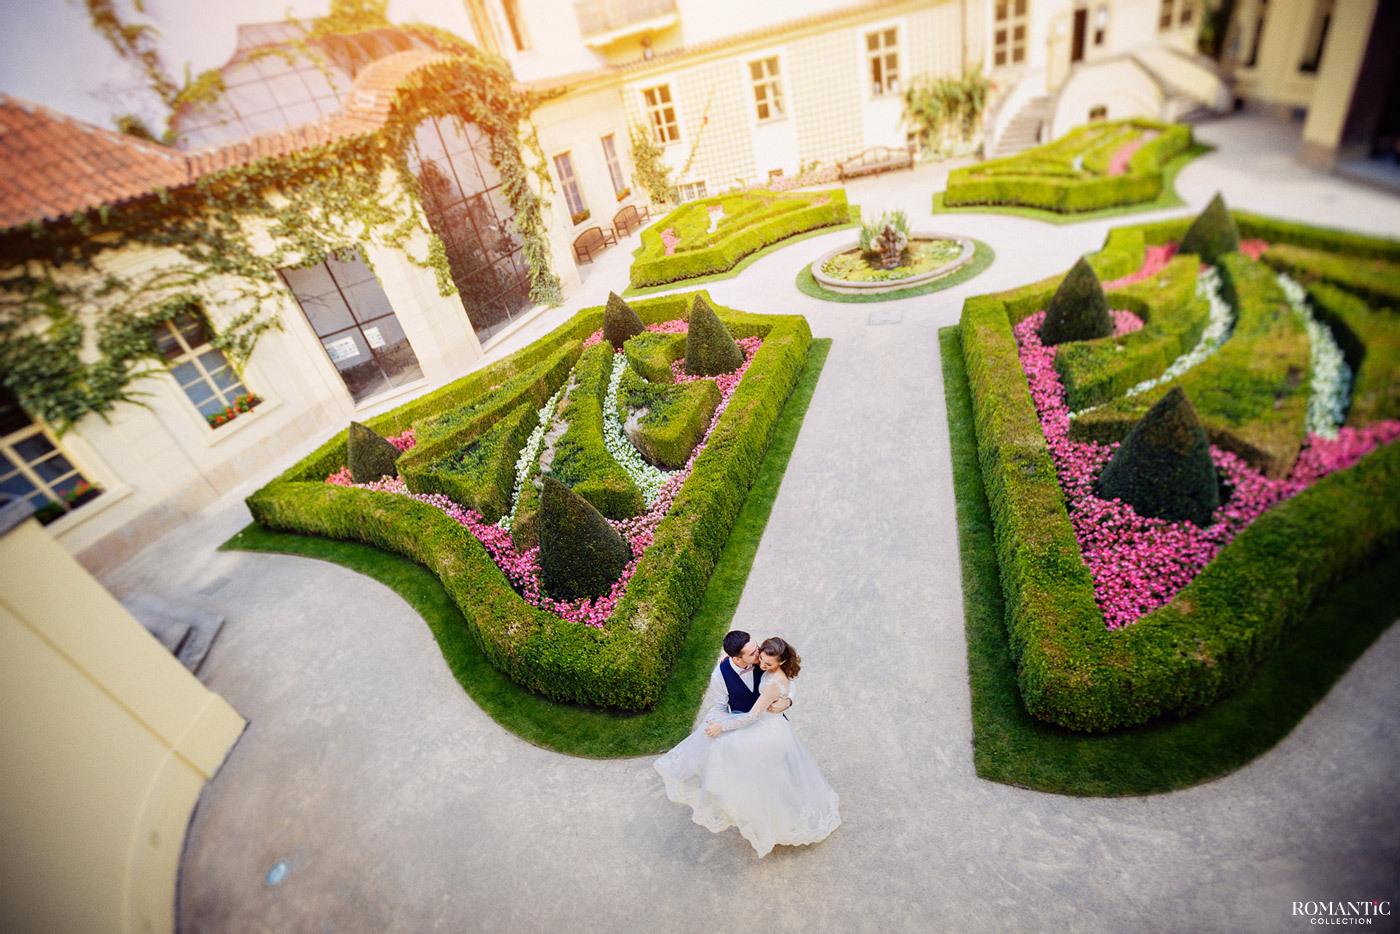 Свадьба в дворцовых садах Чехии